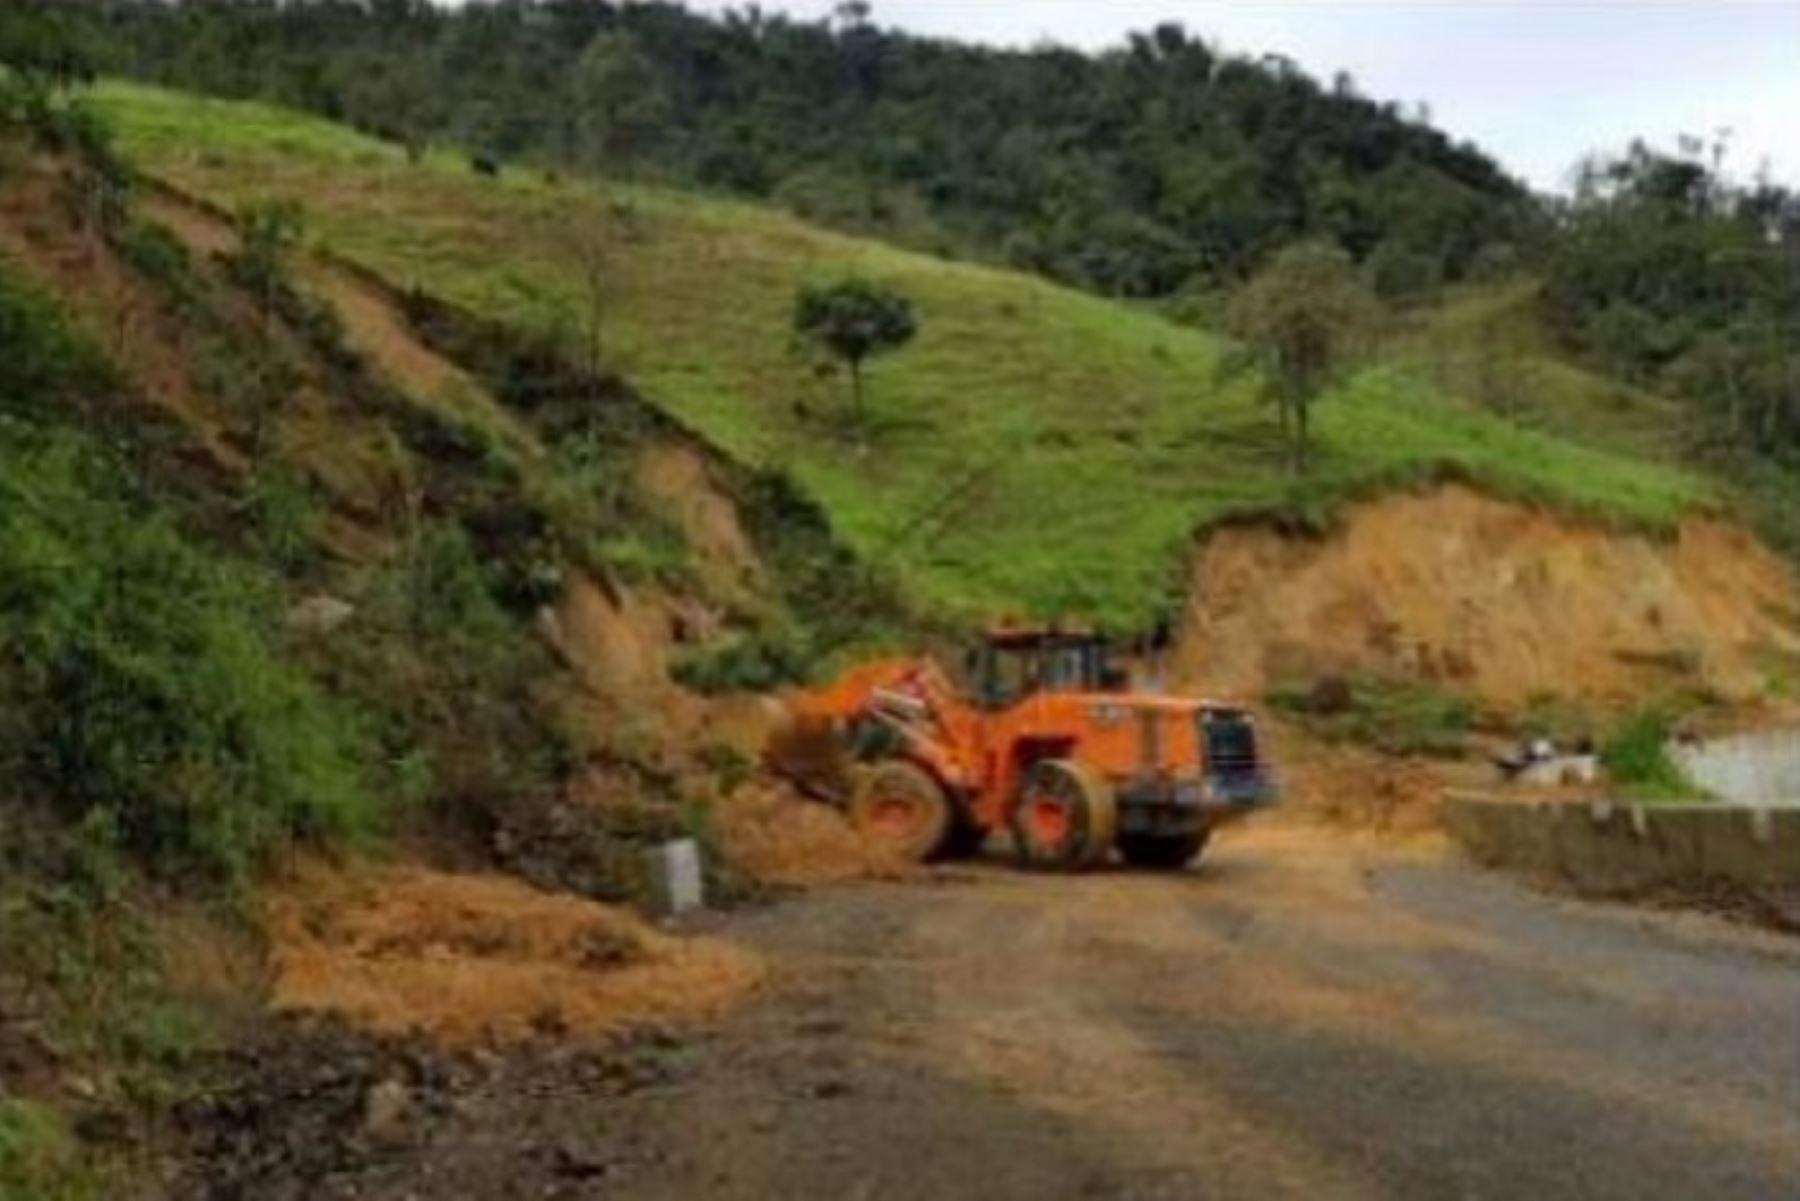 La emergencia en la zona se produjo luego que lluvias intensas provocaran el deslizamiento de material suelto interrumpiendo el tránsito vehicular.